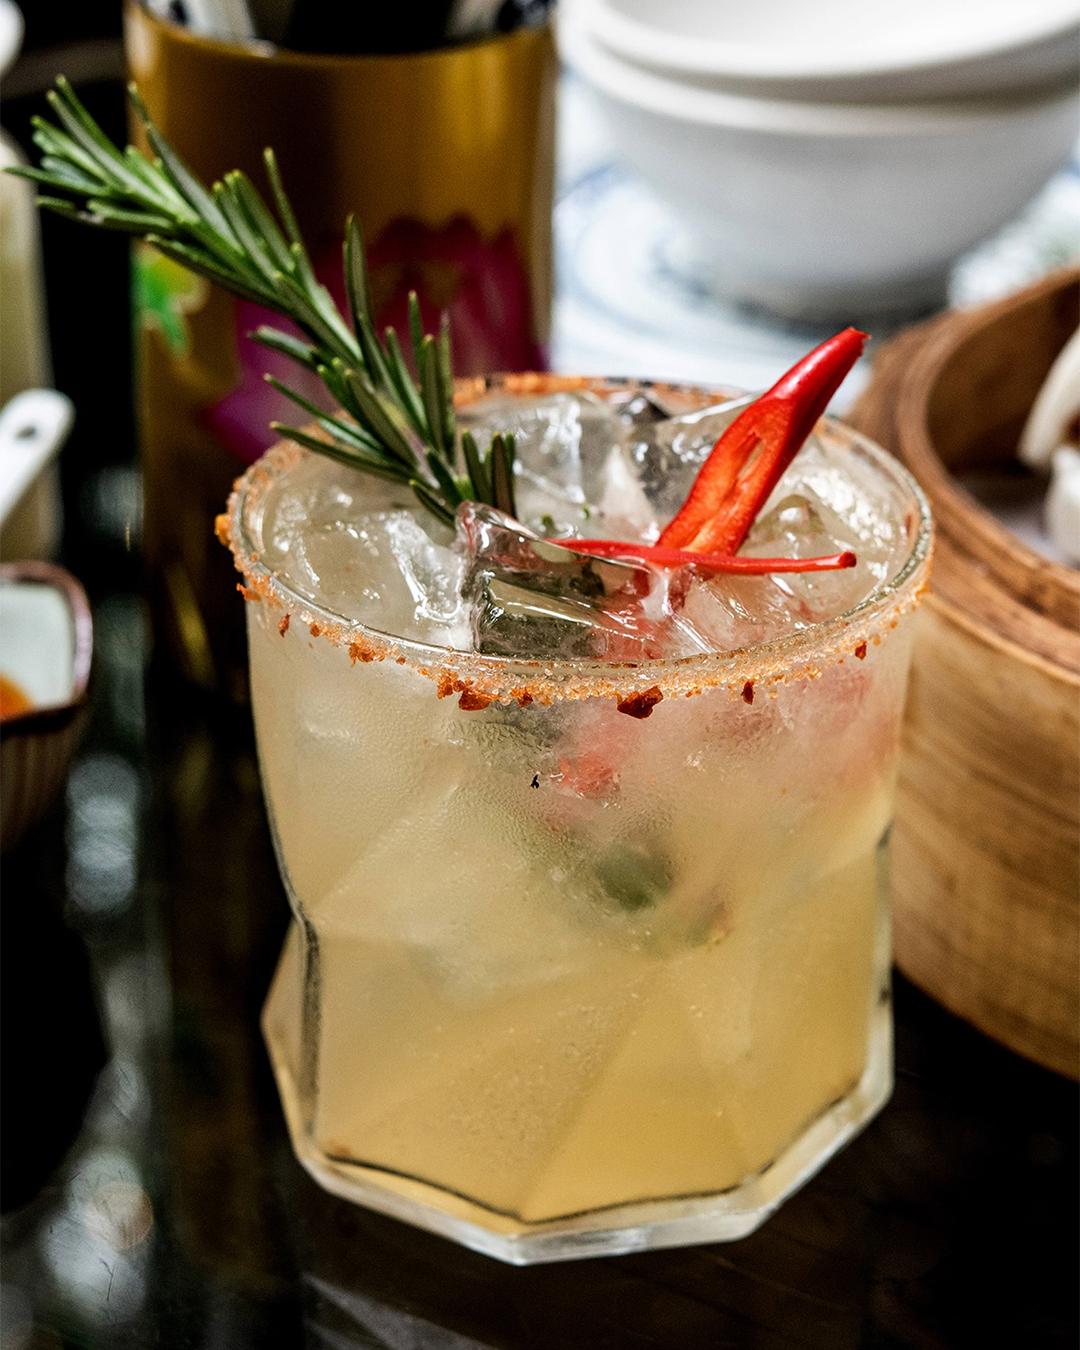 Xuxu's Rosemary Margarita looks spicy.